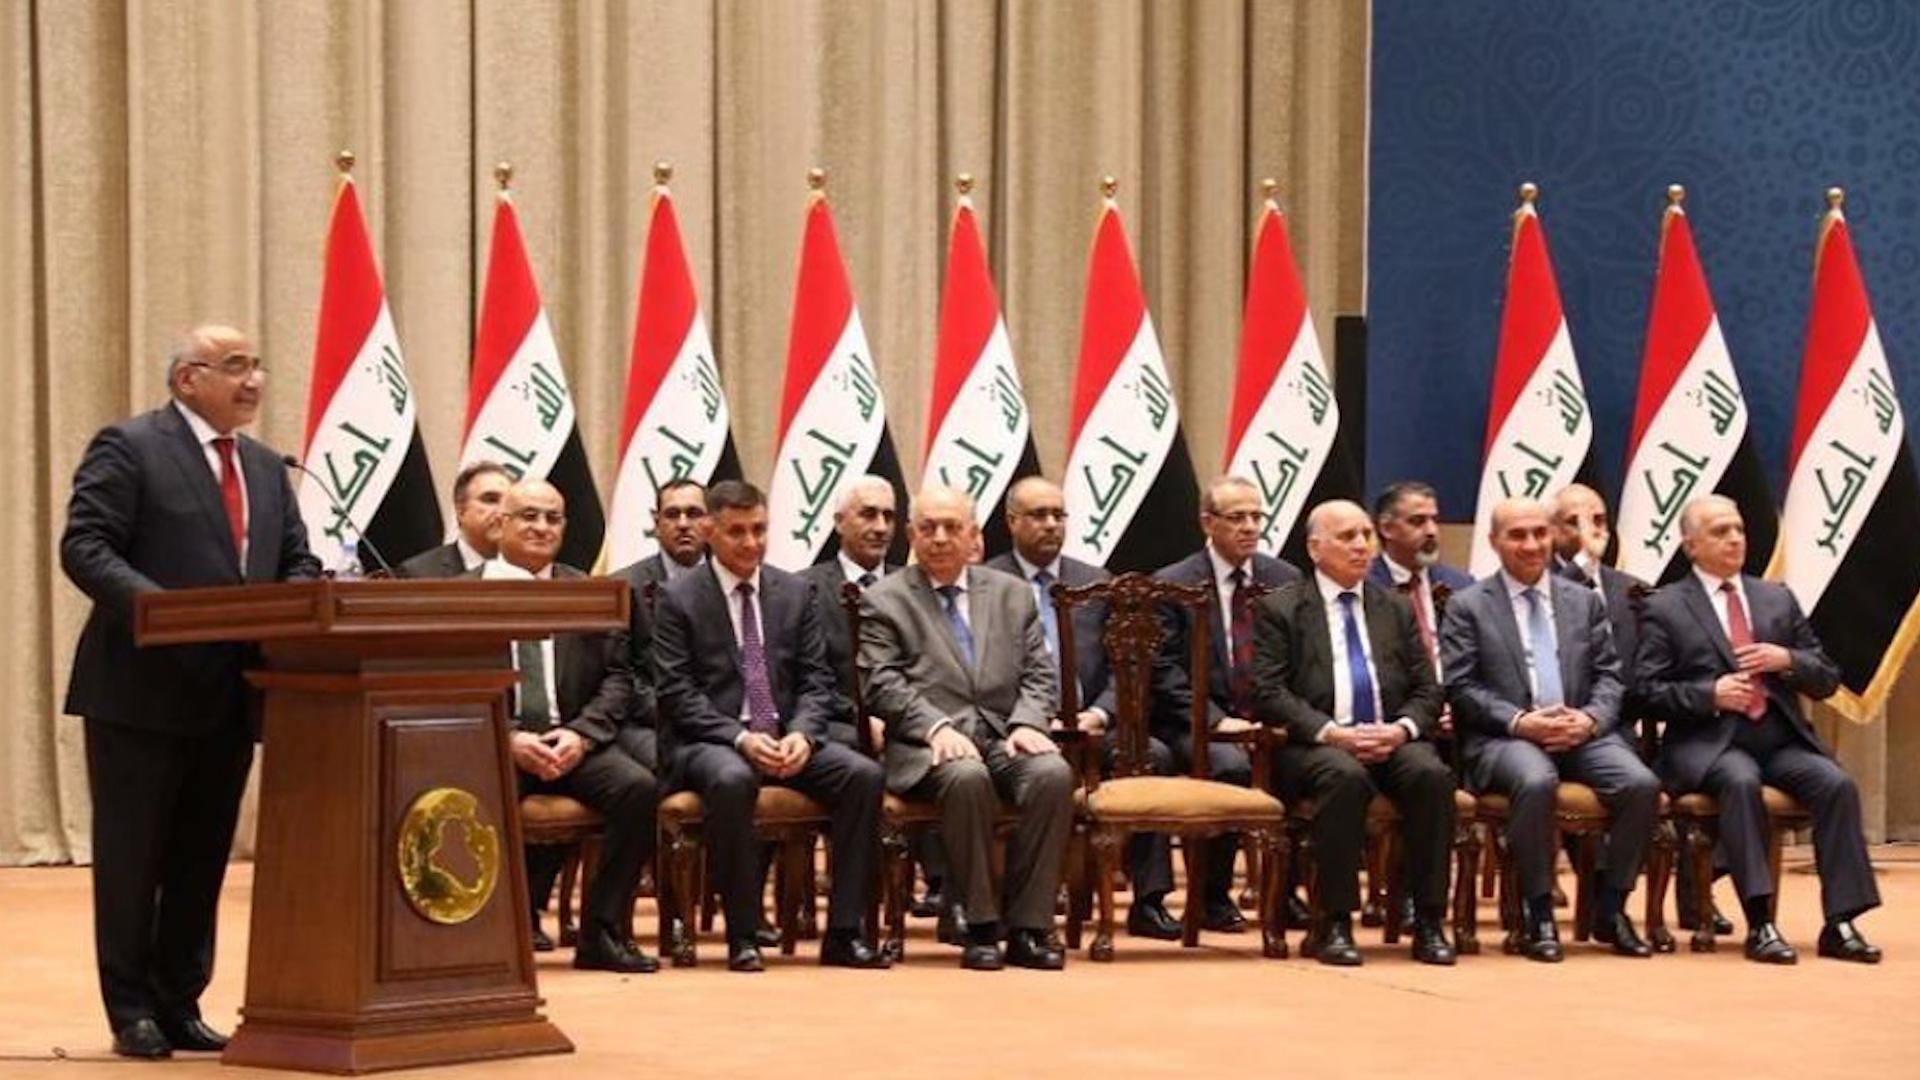 Photo of 12 aliyên Siyasî yên Iraqê li ser proje yasayek li hev kir û ji bo bicihanînê 45 roj dem dan hikûmetê